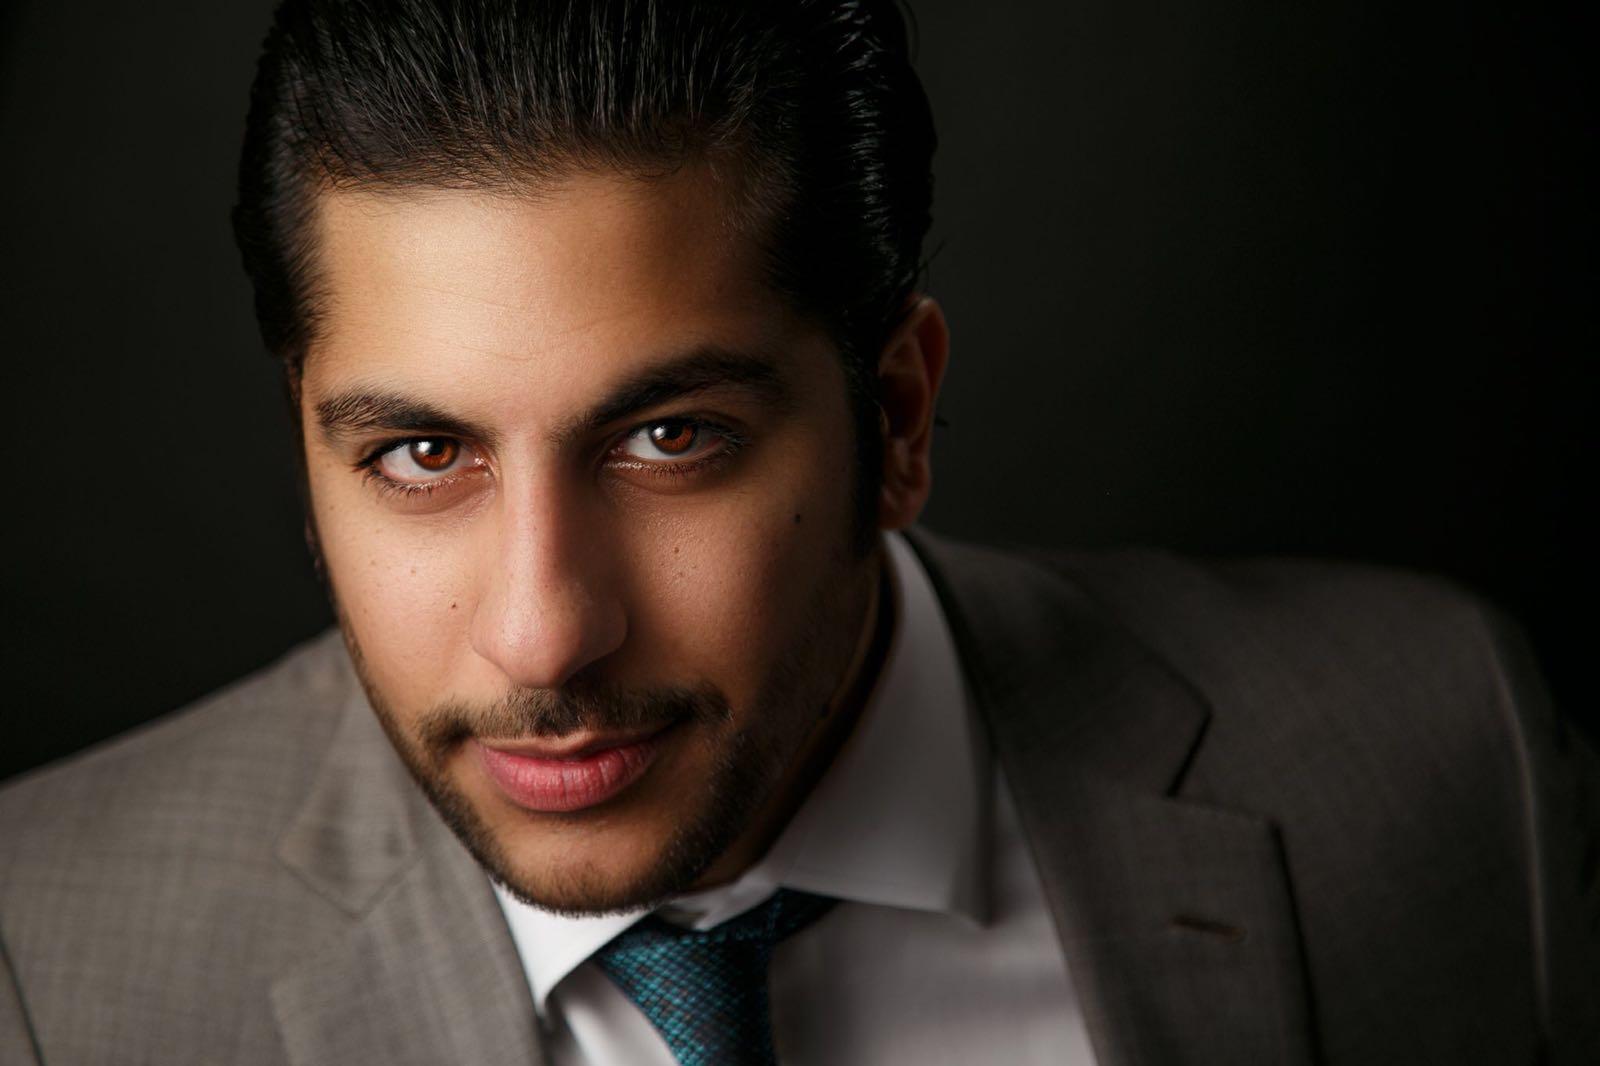 نادر رمزي ممثل شاب باداء نجم عالمي